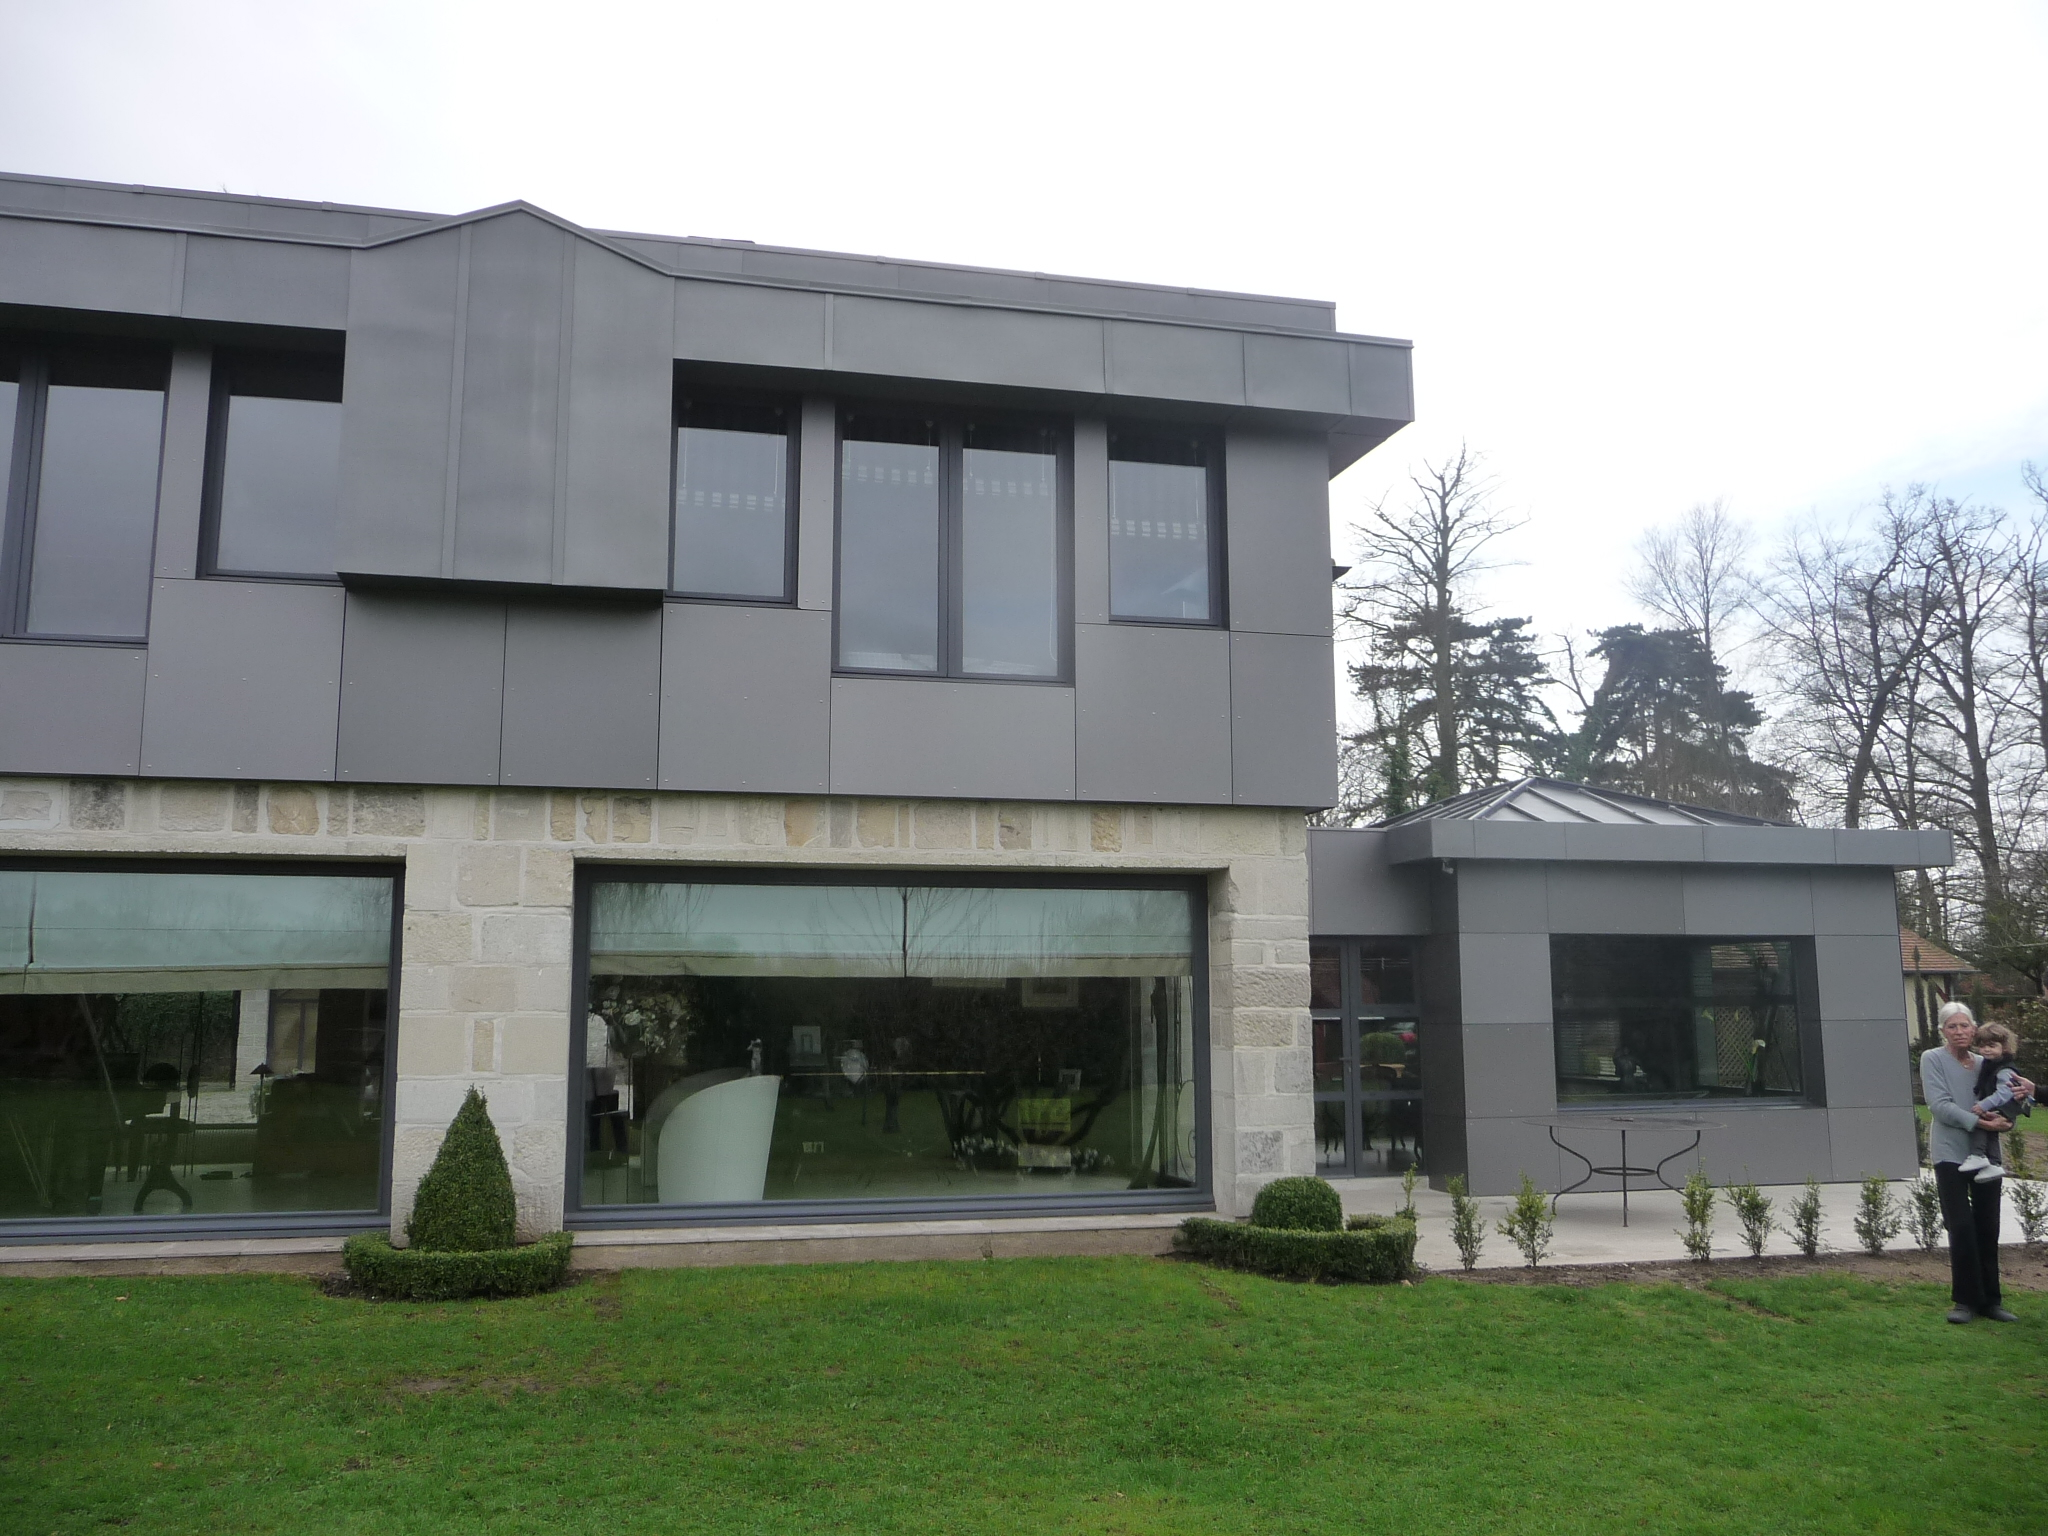 Projet d'agrandissement et de rénovation extérieure d'une maison individuelle Hénouville